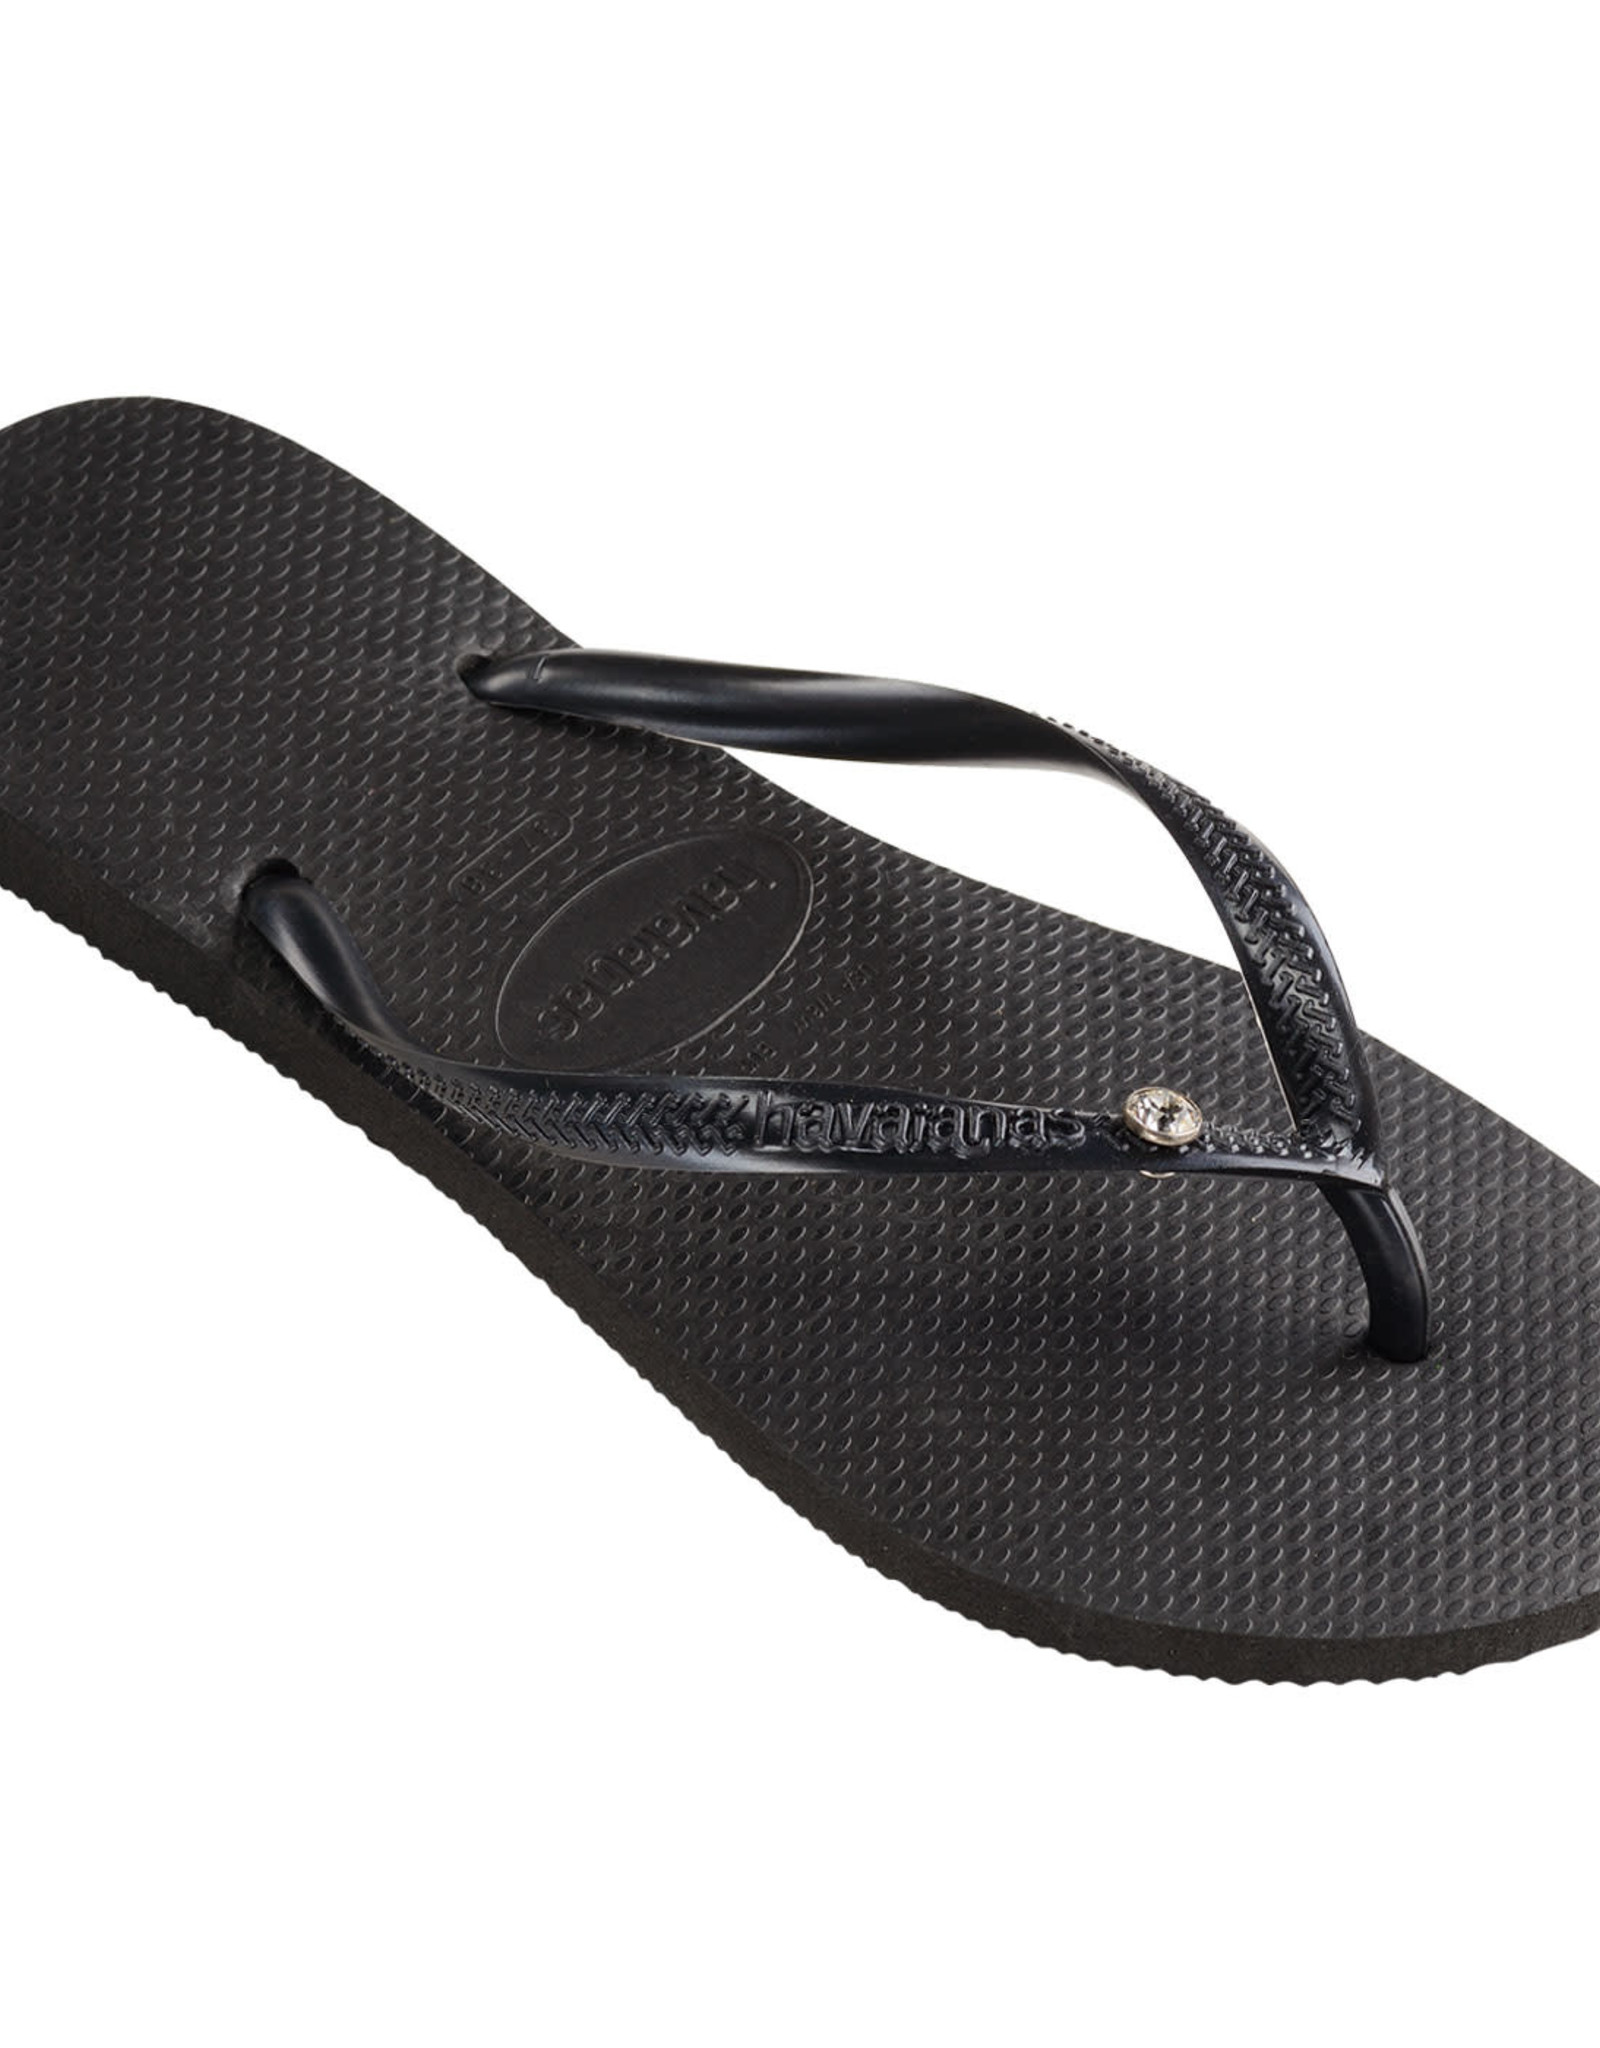 HAVAIANAS Slim Crystal Black/Black Thongs